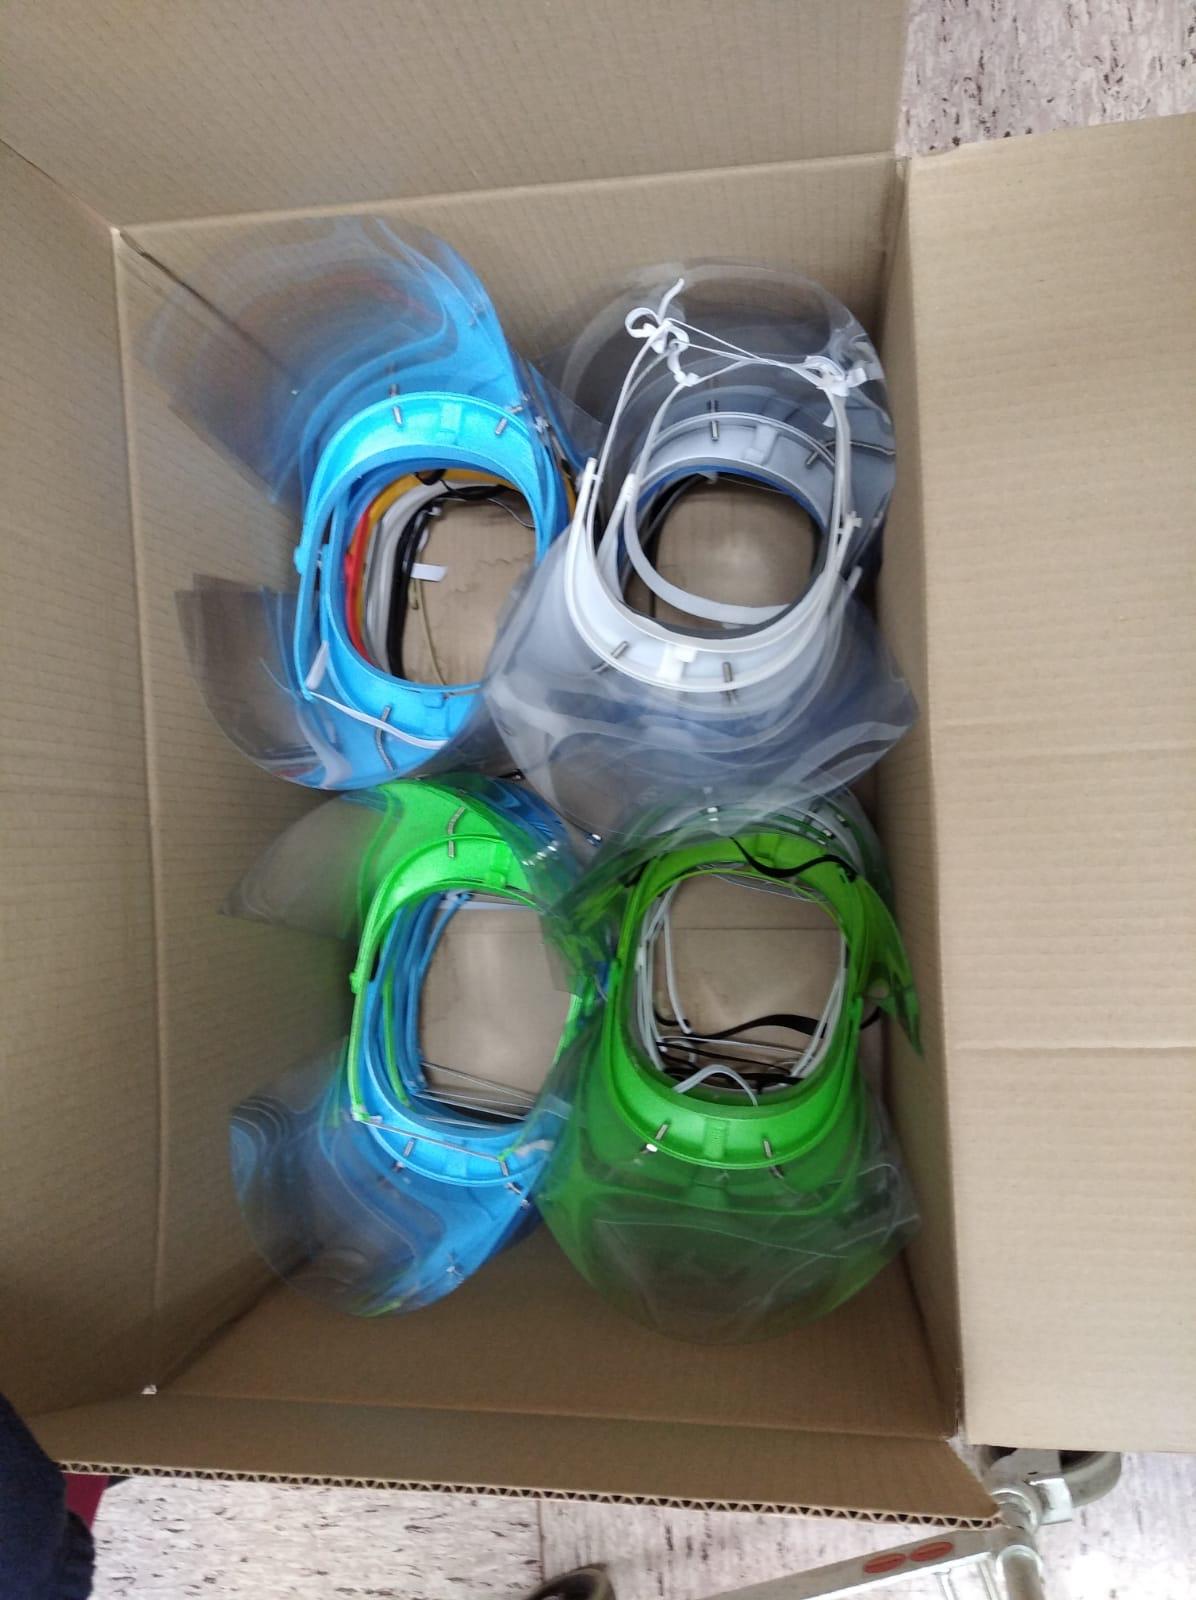 máscaras donadas